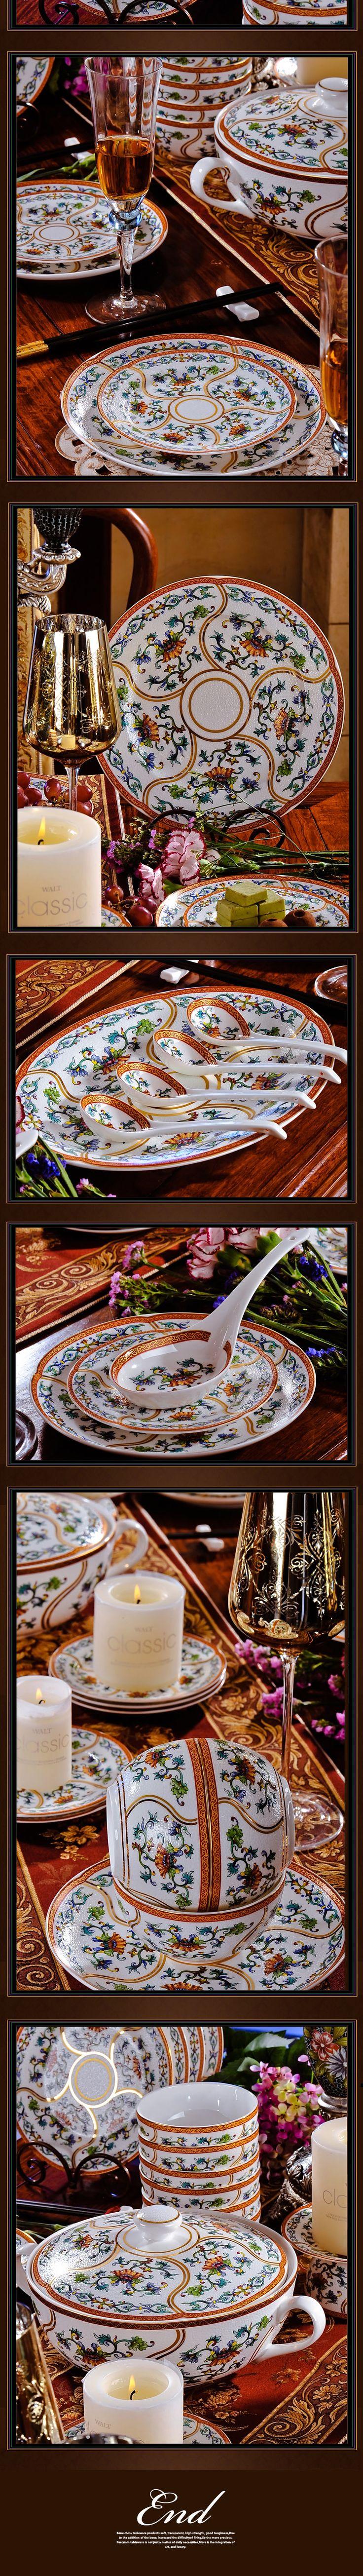 Красный отель Xin 56 руководитель высокого ранга Цзиндэчжэнь эмаль порошок Королевский стиль набор столовых приборов керамическая чаша пластина Европейской посуды-определиться. com дней кошка